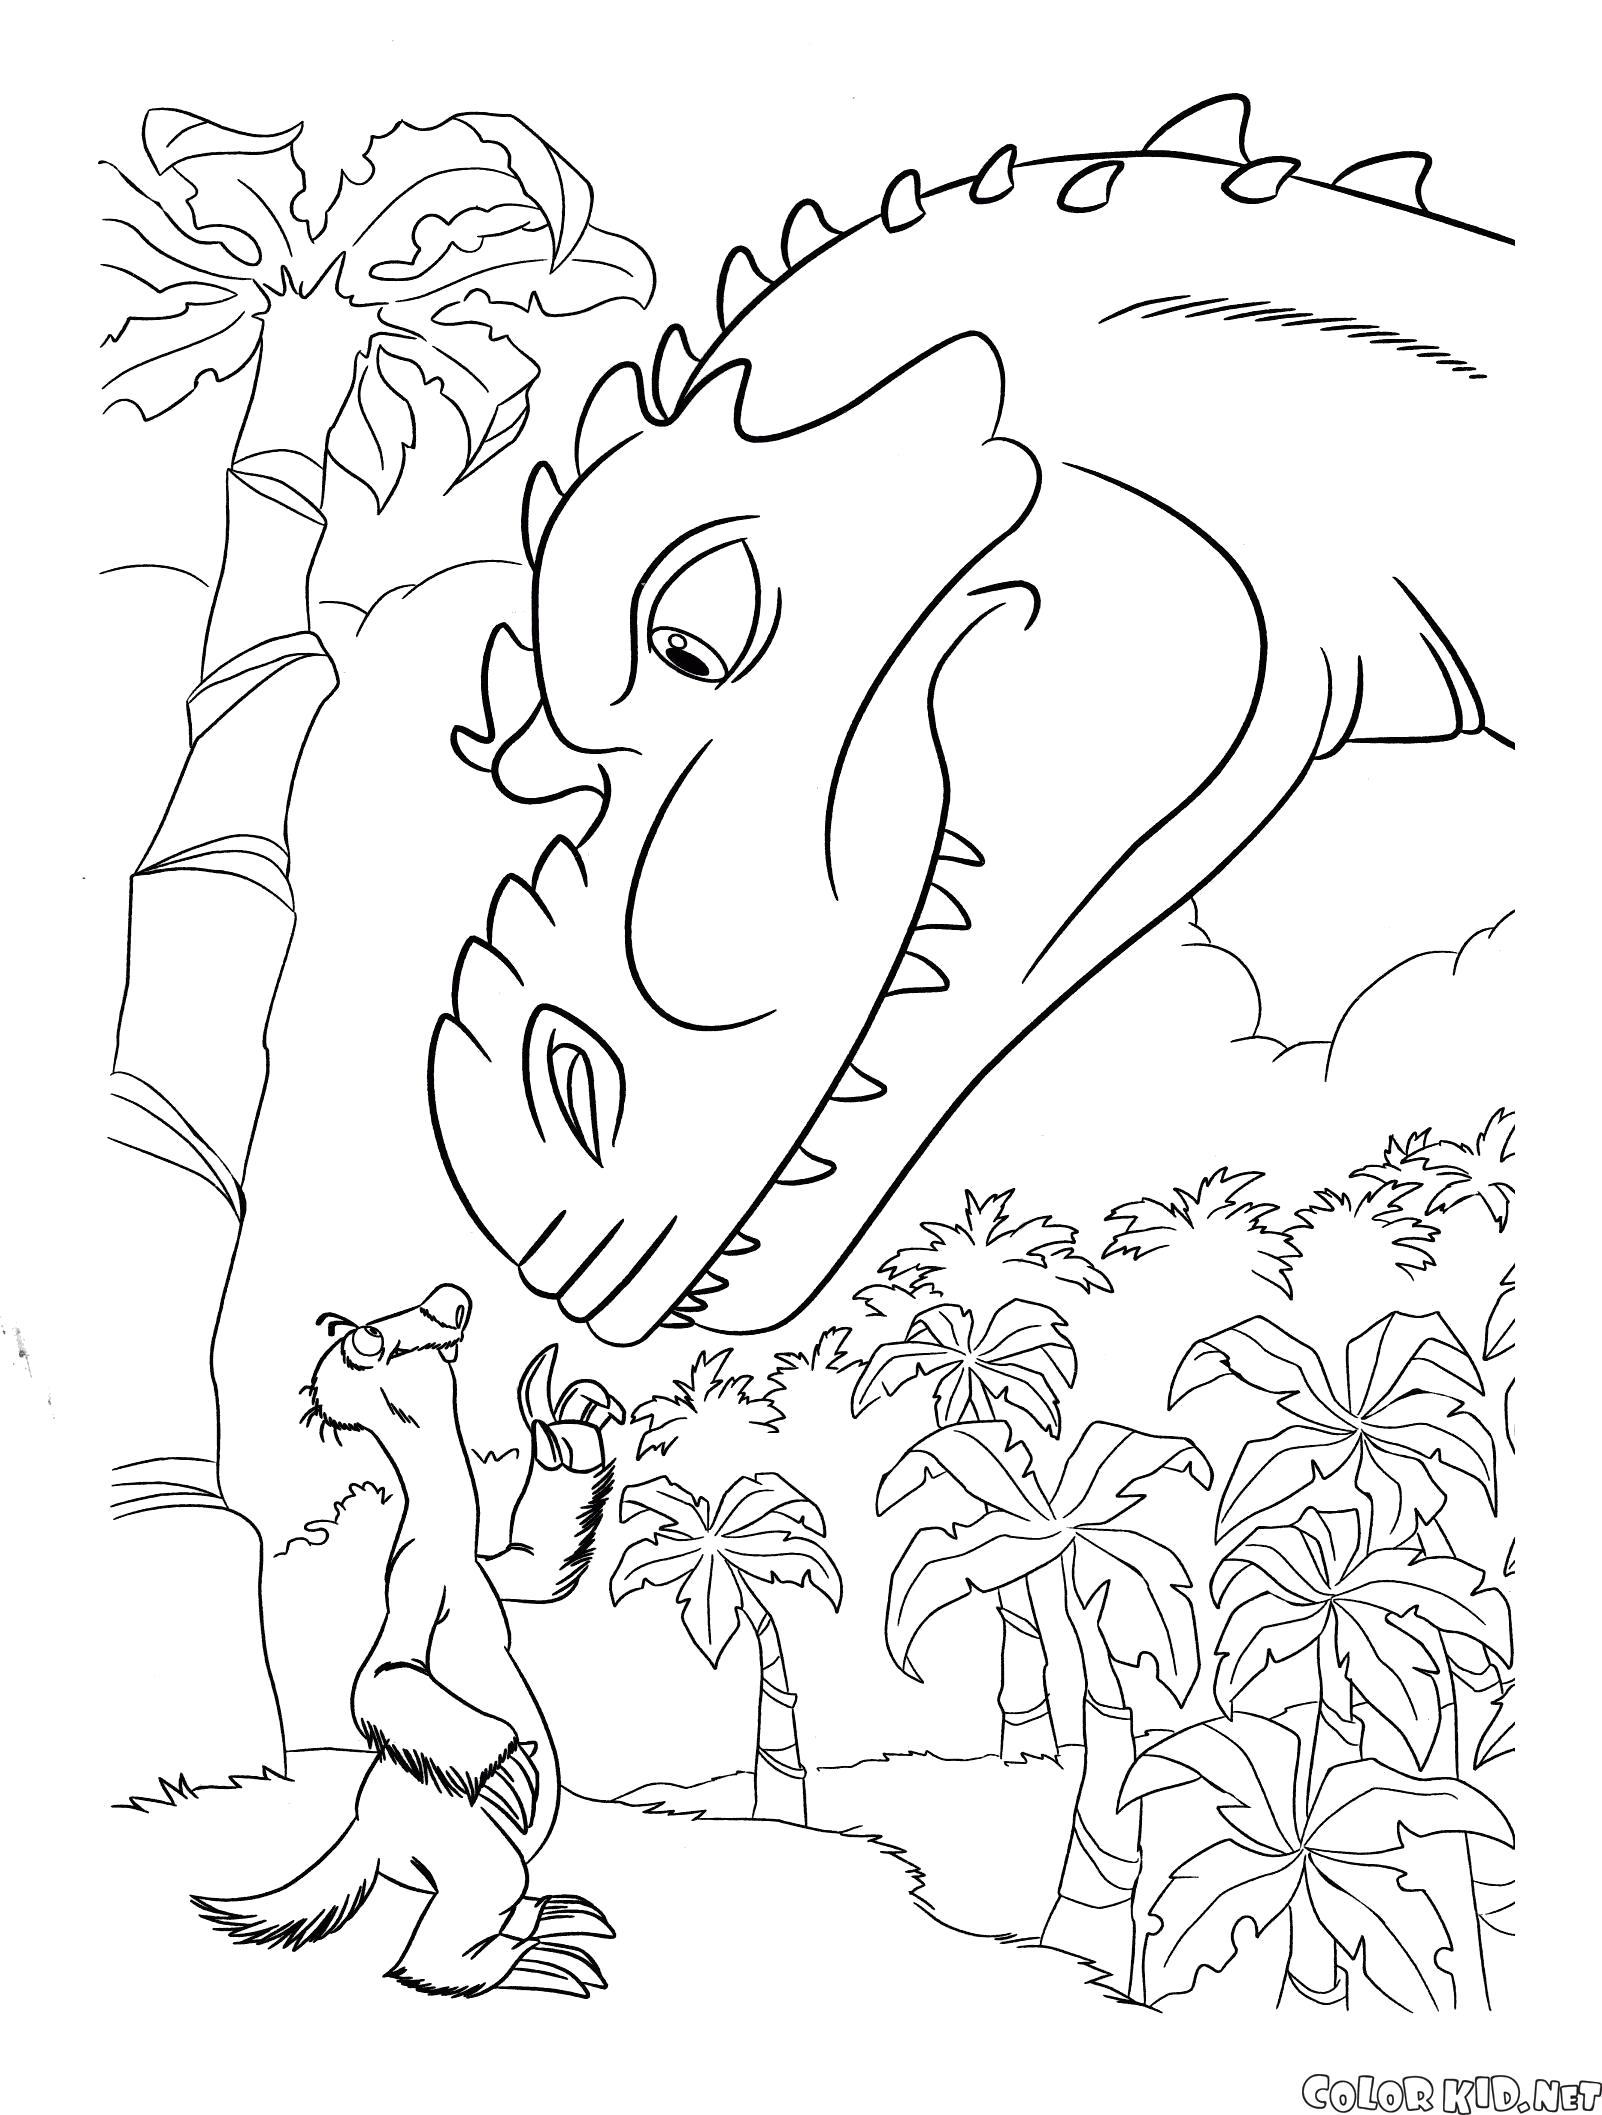 Раскраска Сид и динозавр. динозавр